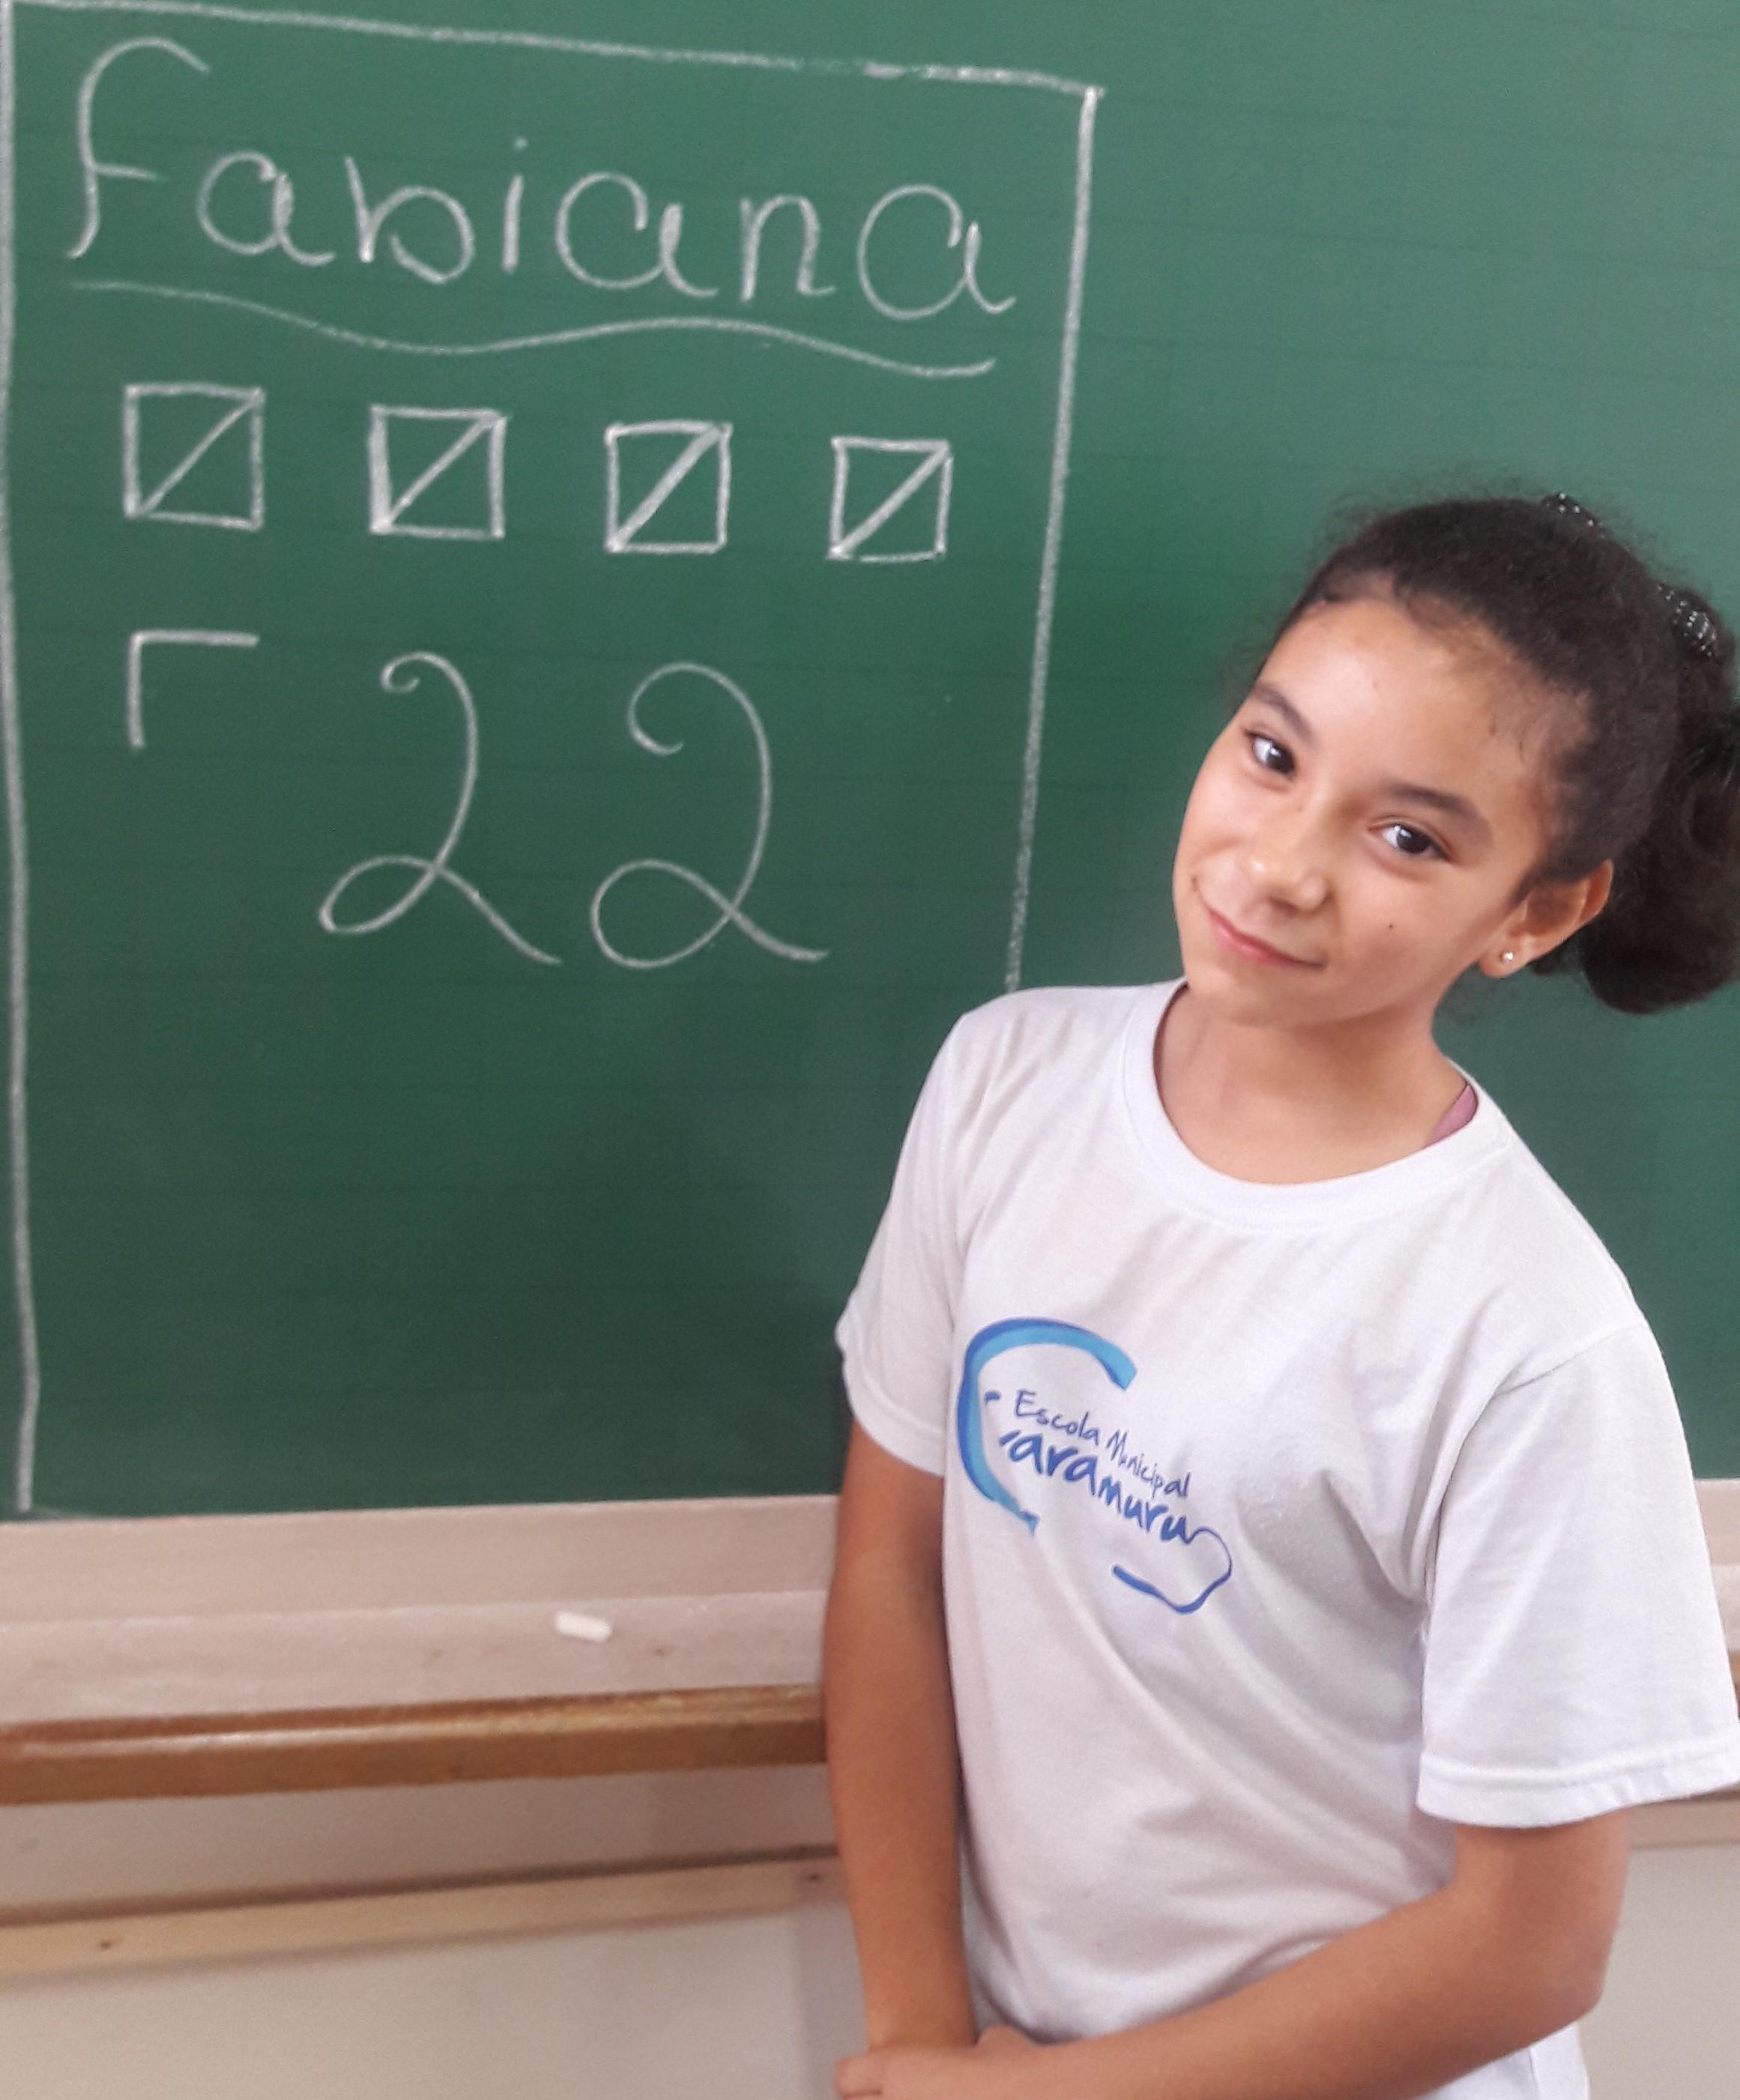 Fabiana recebeu 22 votos